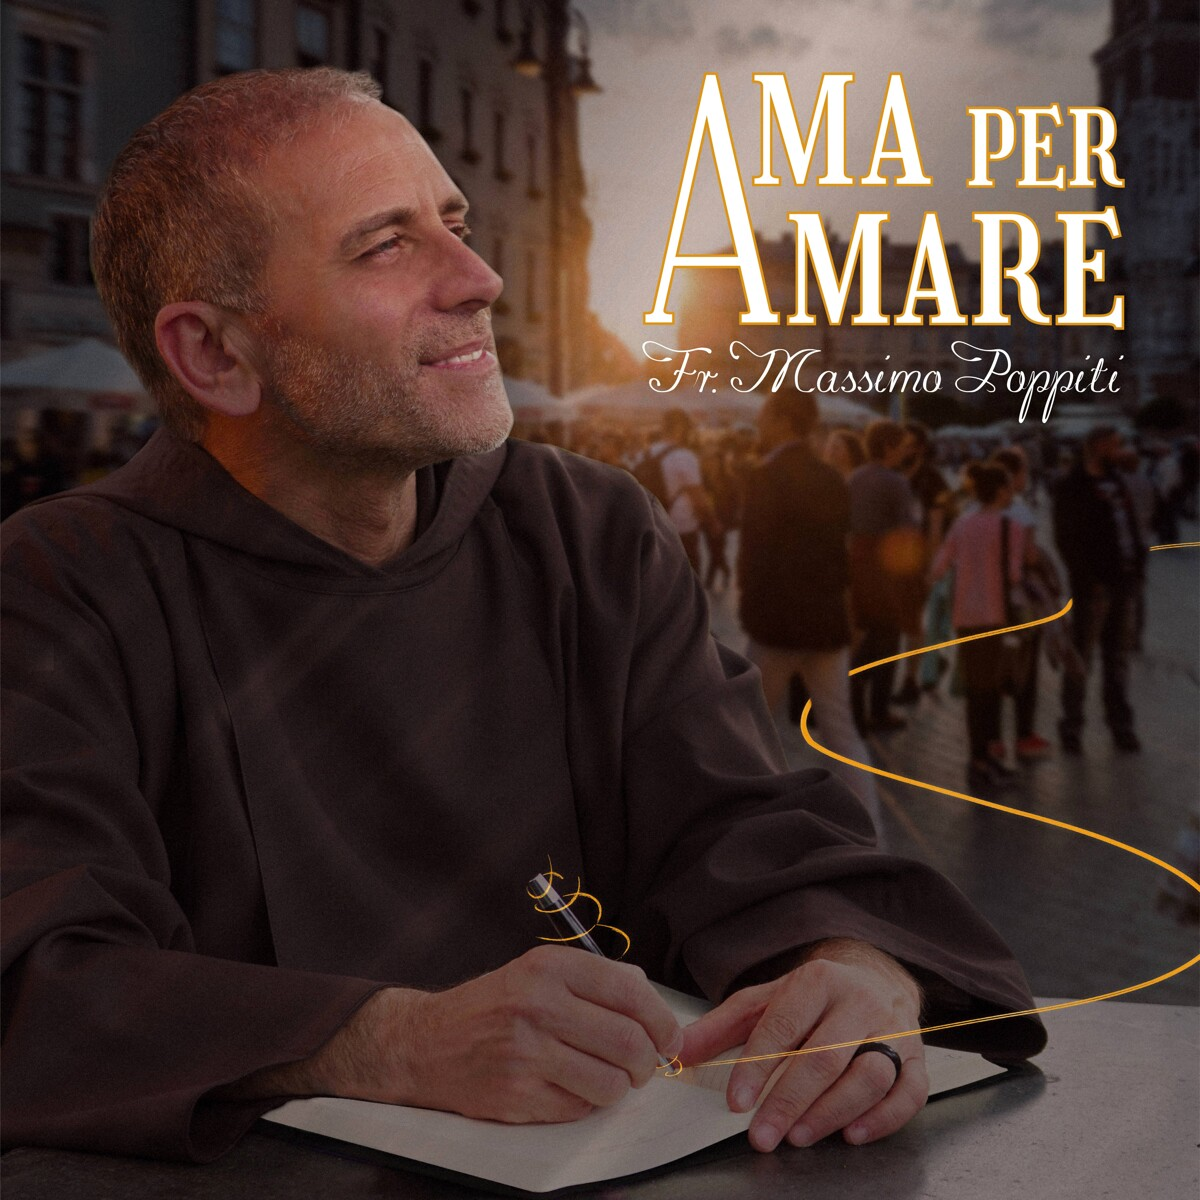 """""""Ama per amare"""", è pronto il nuovo album di Frate Massimo Poppiti"""